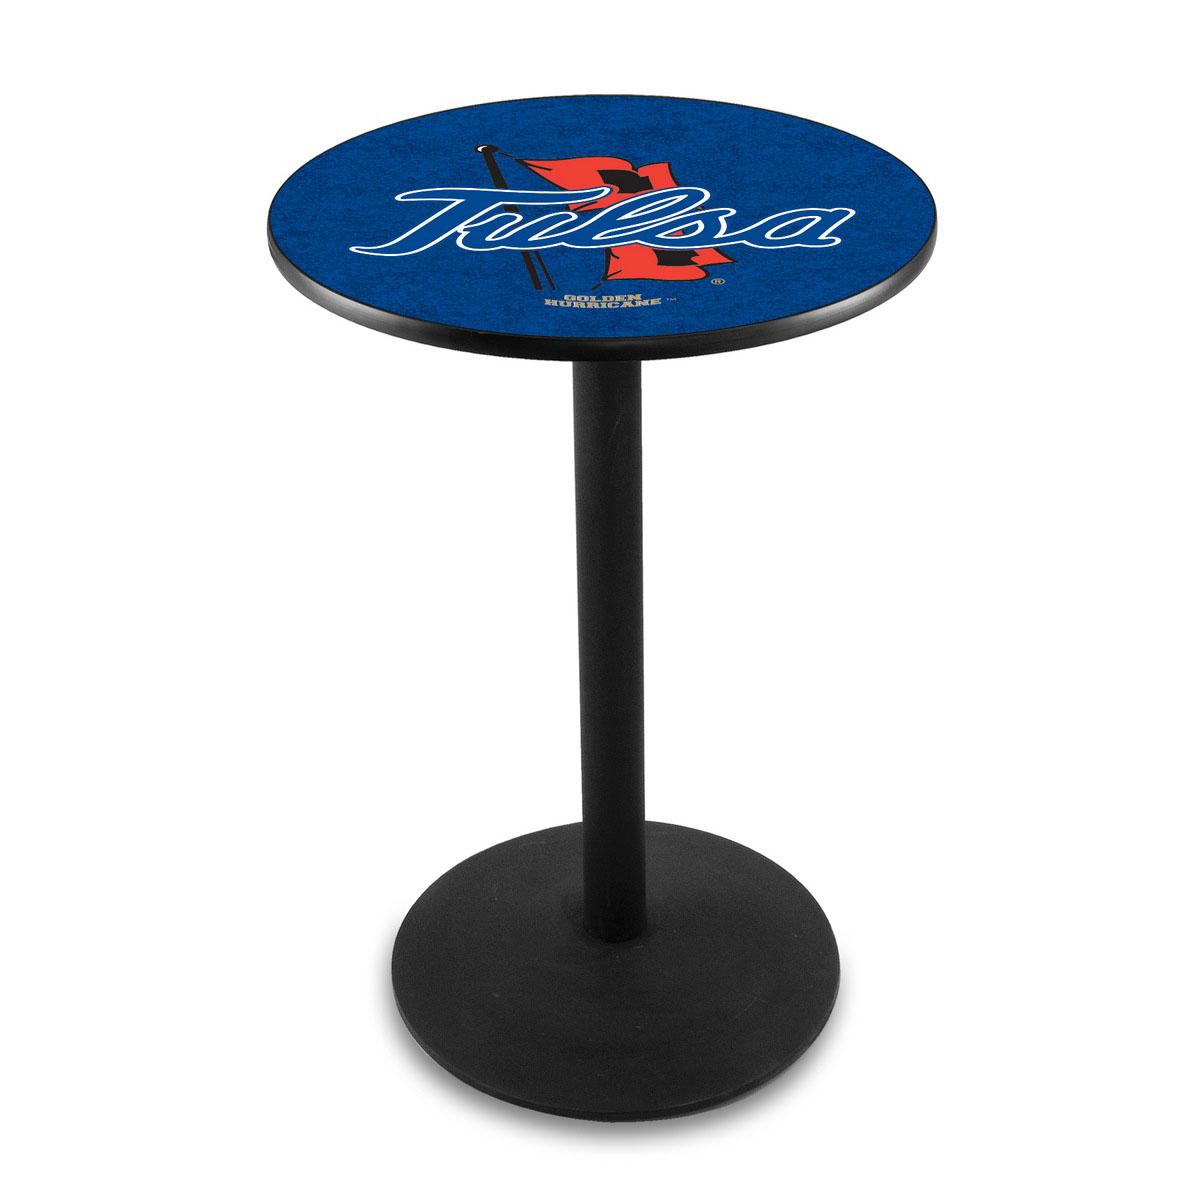 Buy University Tulsa Logo Pub Bar Table Round Stand Product Photo